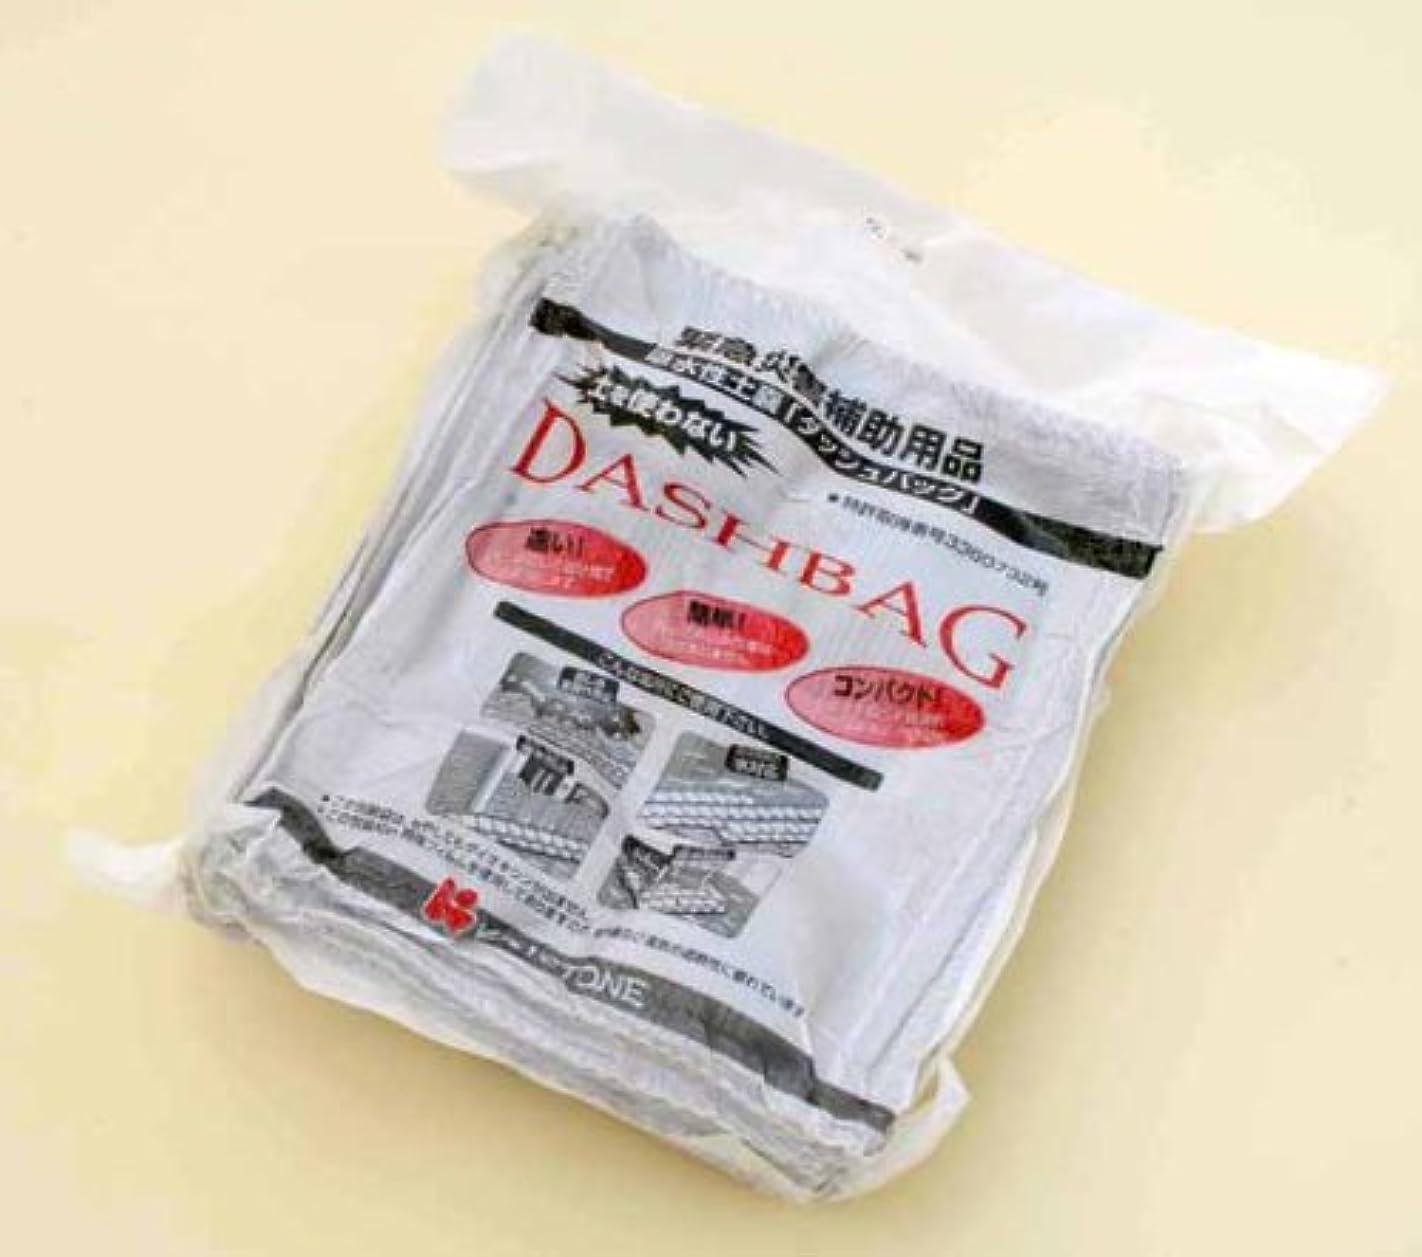 ジョセフバンクス九月生きている緊急災害補助用品 水で膨らむ 吸水性土嚢 ダッシュバッグ 10袋入り×2パック 20枚